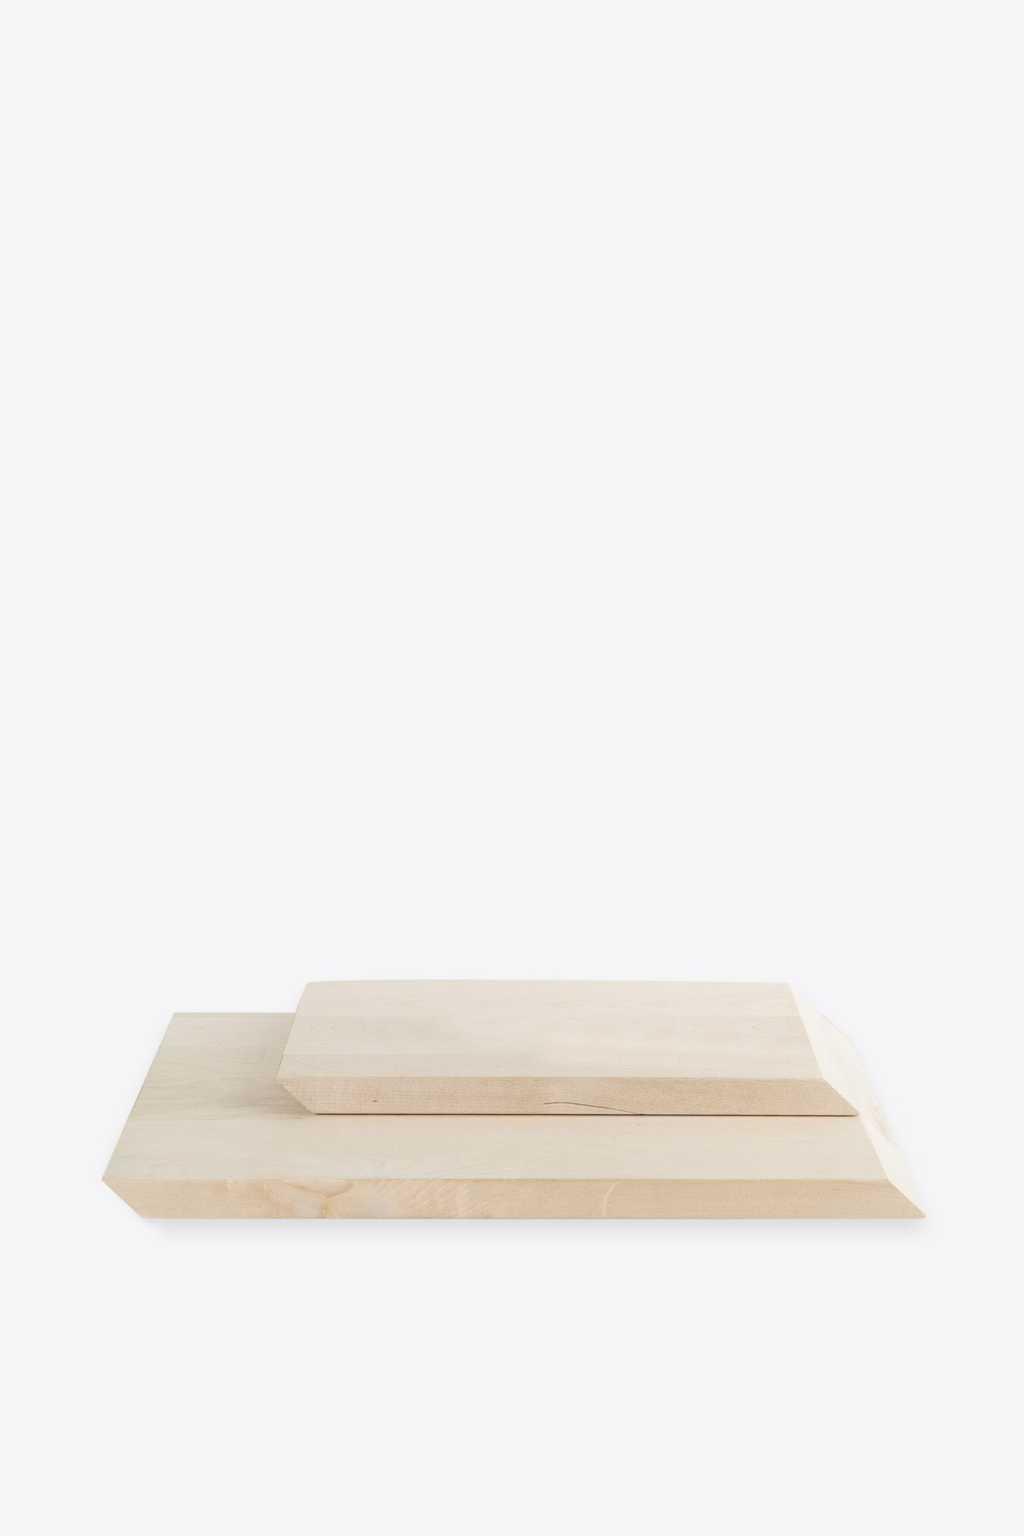 Large Cutting Board 1020 Brown 4